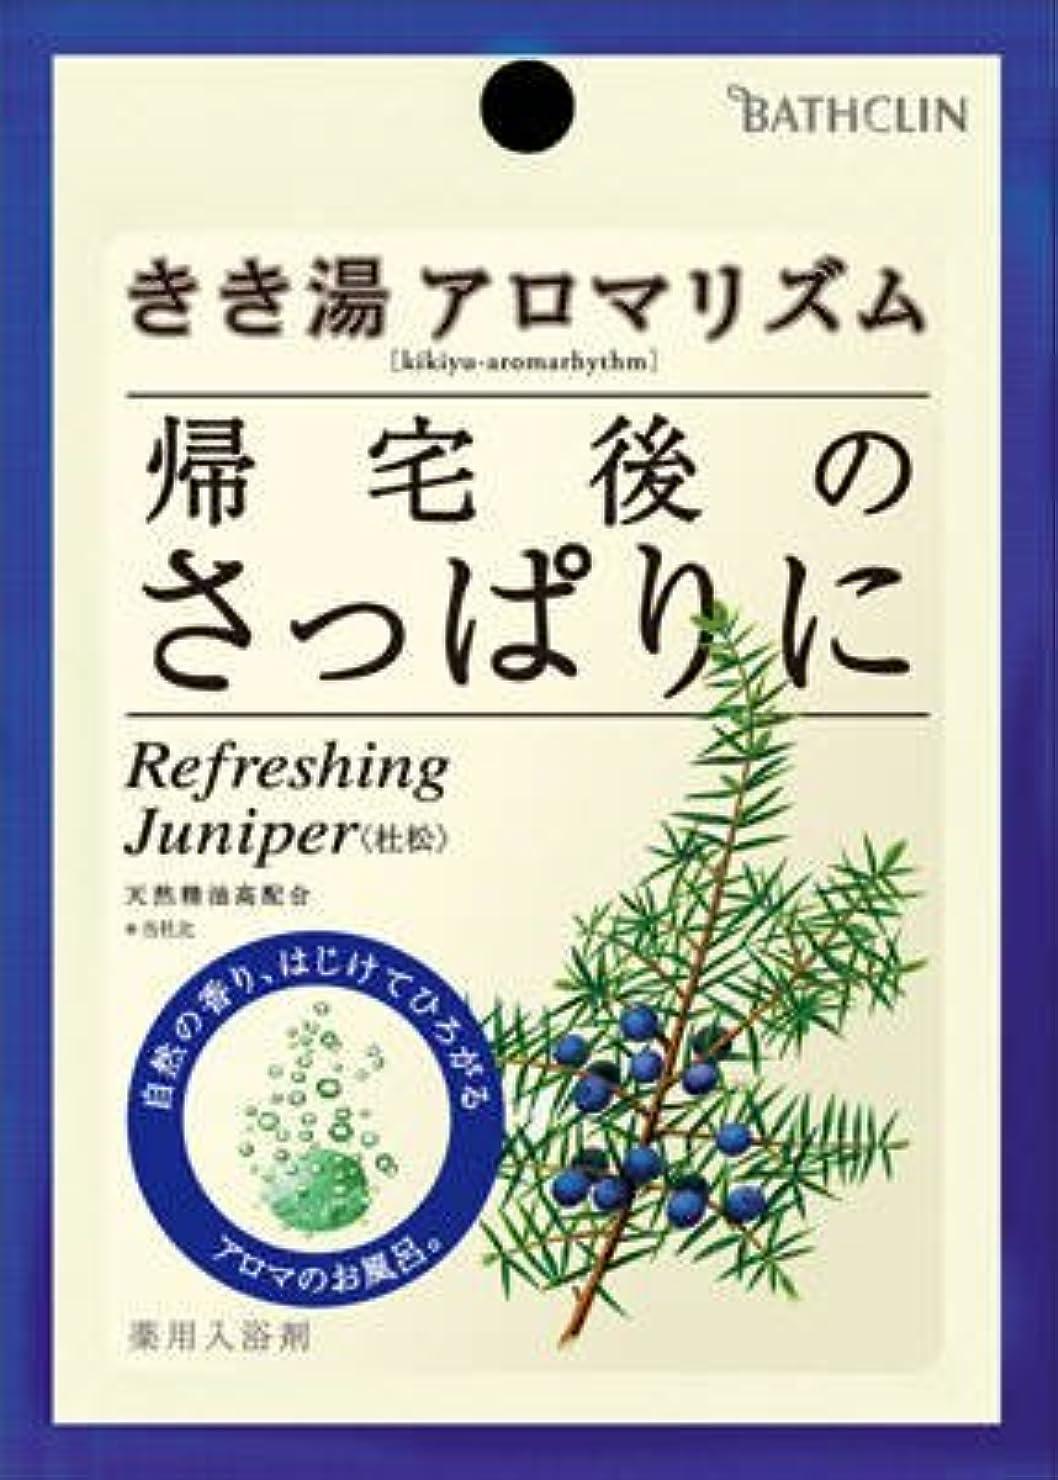 祈る聖歌ストレッチバスクリン きき湯 アロマリズム リフレッシュジュニパーの香り 30g×120個セット